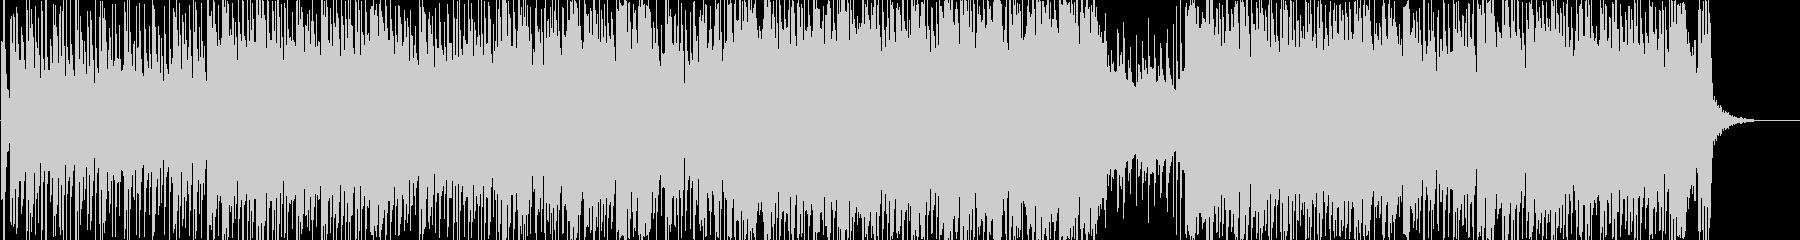 ヘヴィロック アクション 説明的 ...の未再生の波形